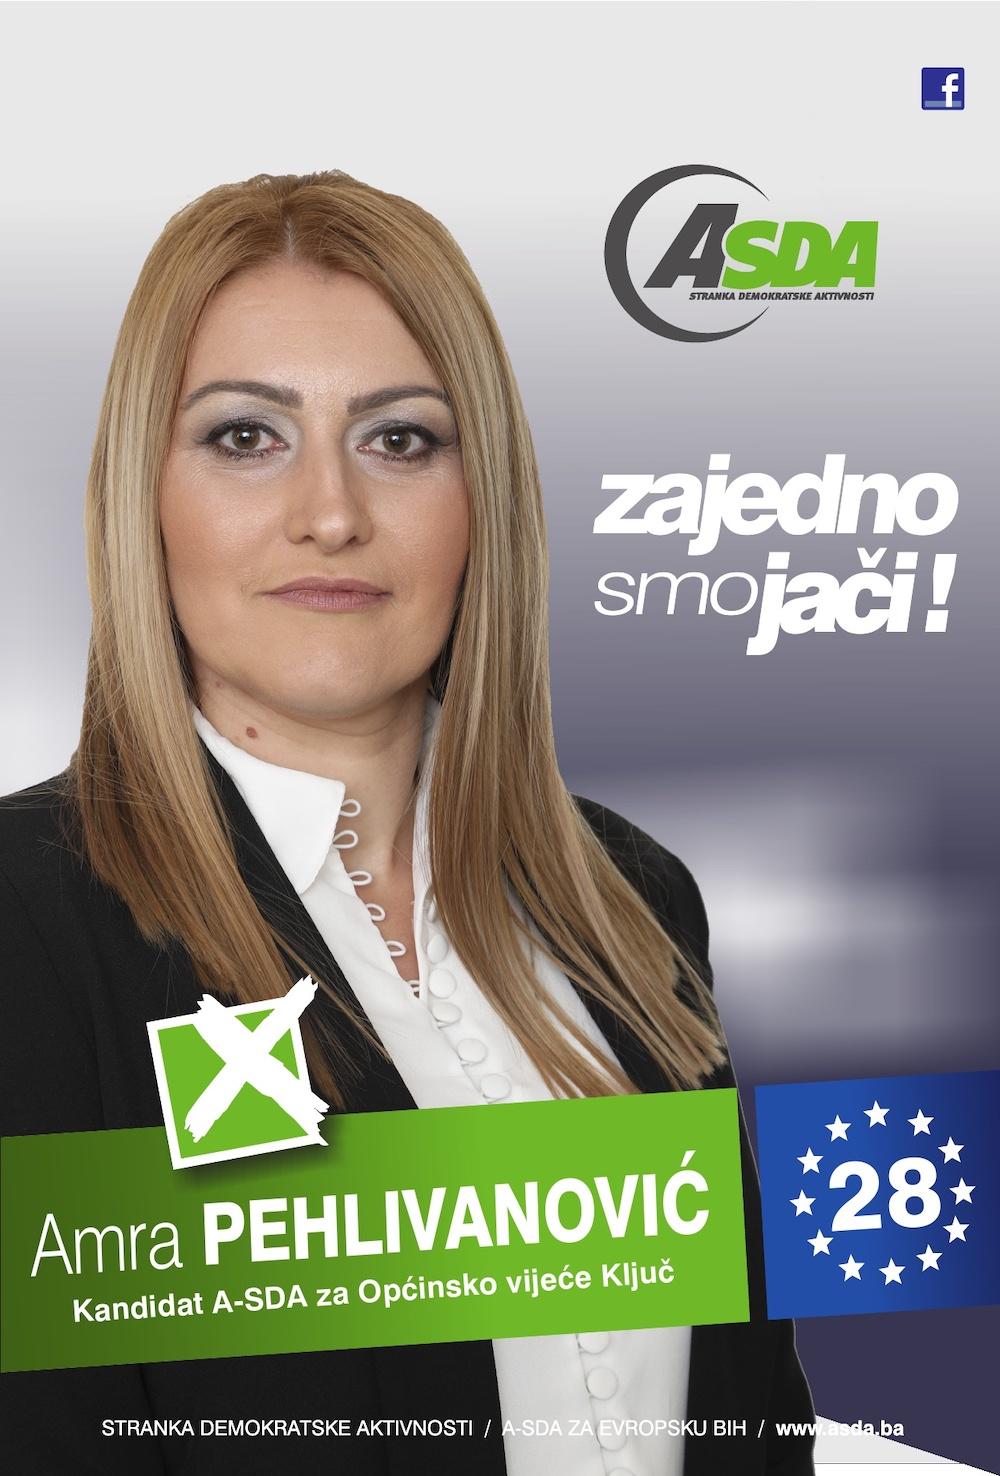 Rođena 12.04.1986. godine u Banja Luci. Po zanimanju je trgovac. Udana, majka dvoje djece. Nezaposlena.